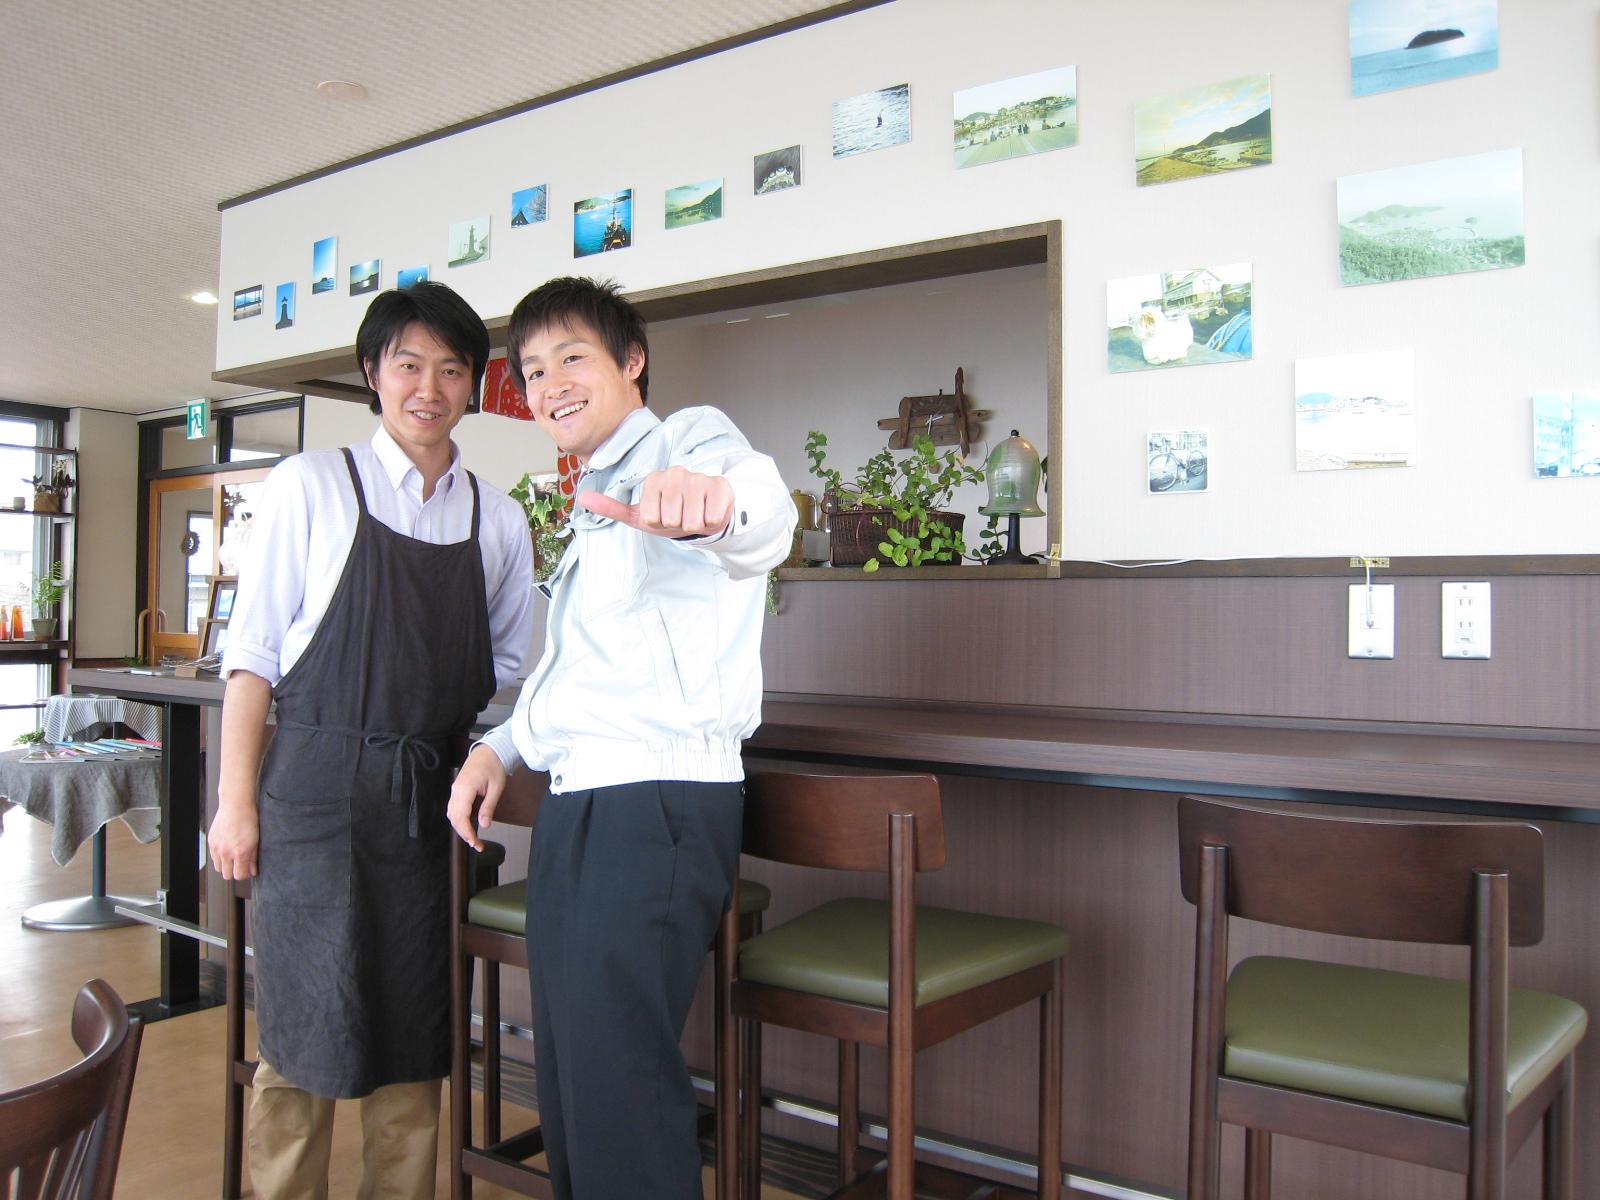 福山市鞆町のカフェ&ギャラリー「SHION-潮音-」